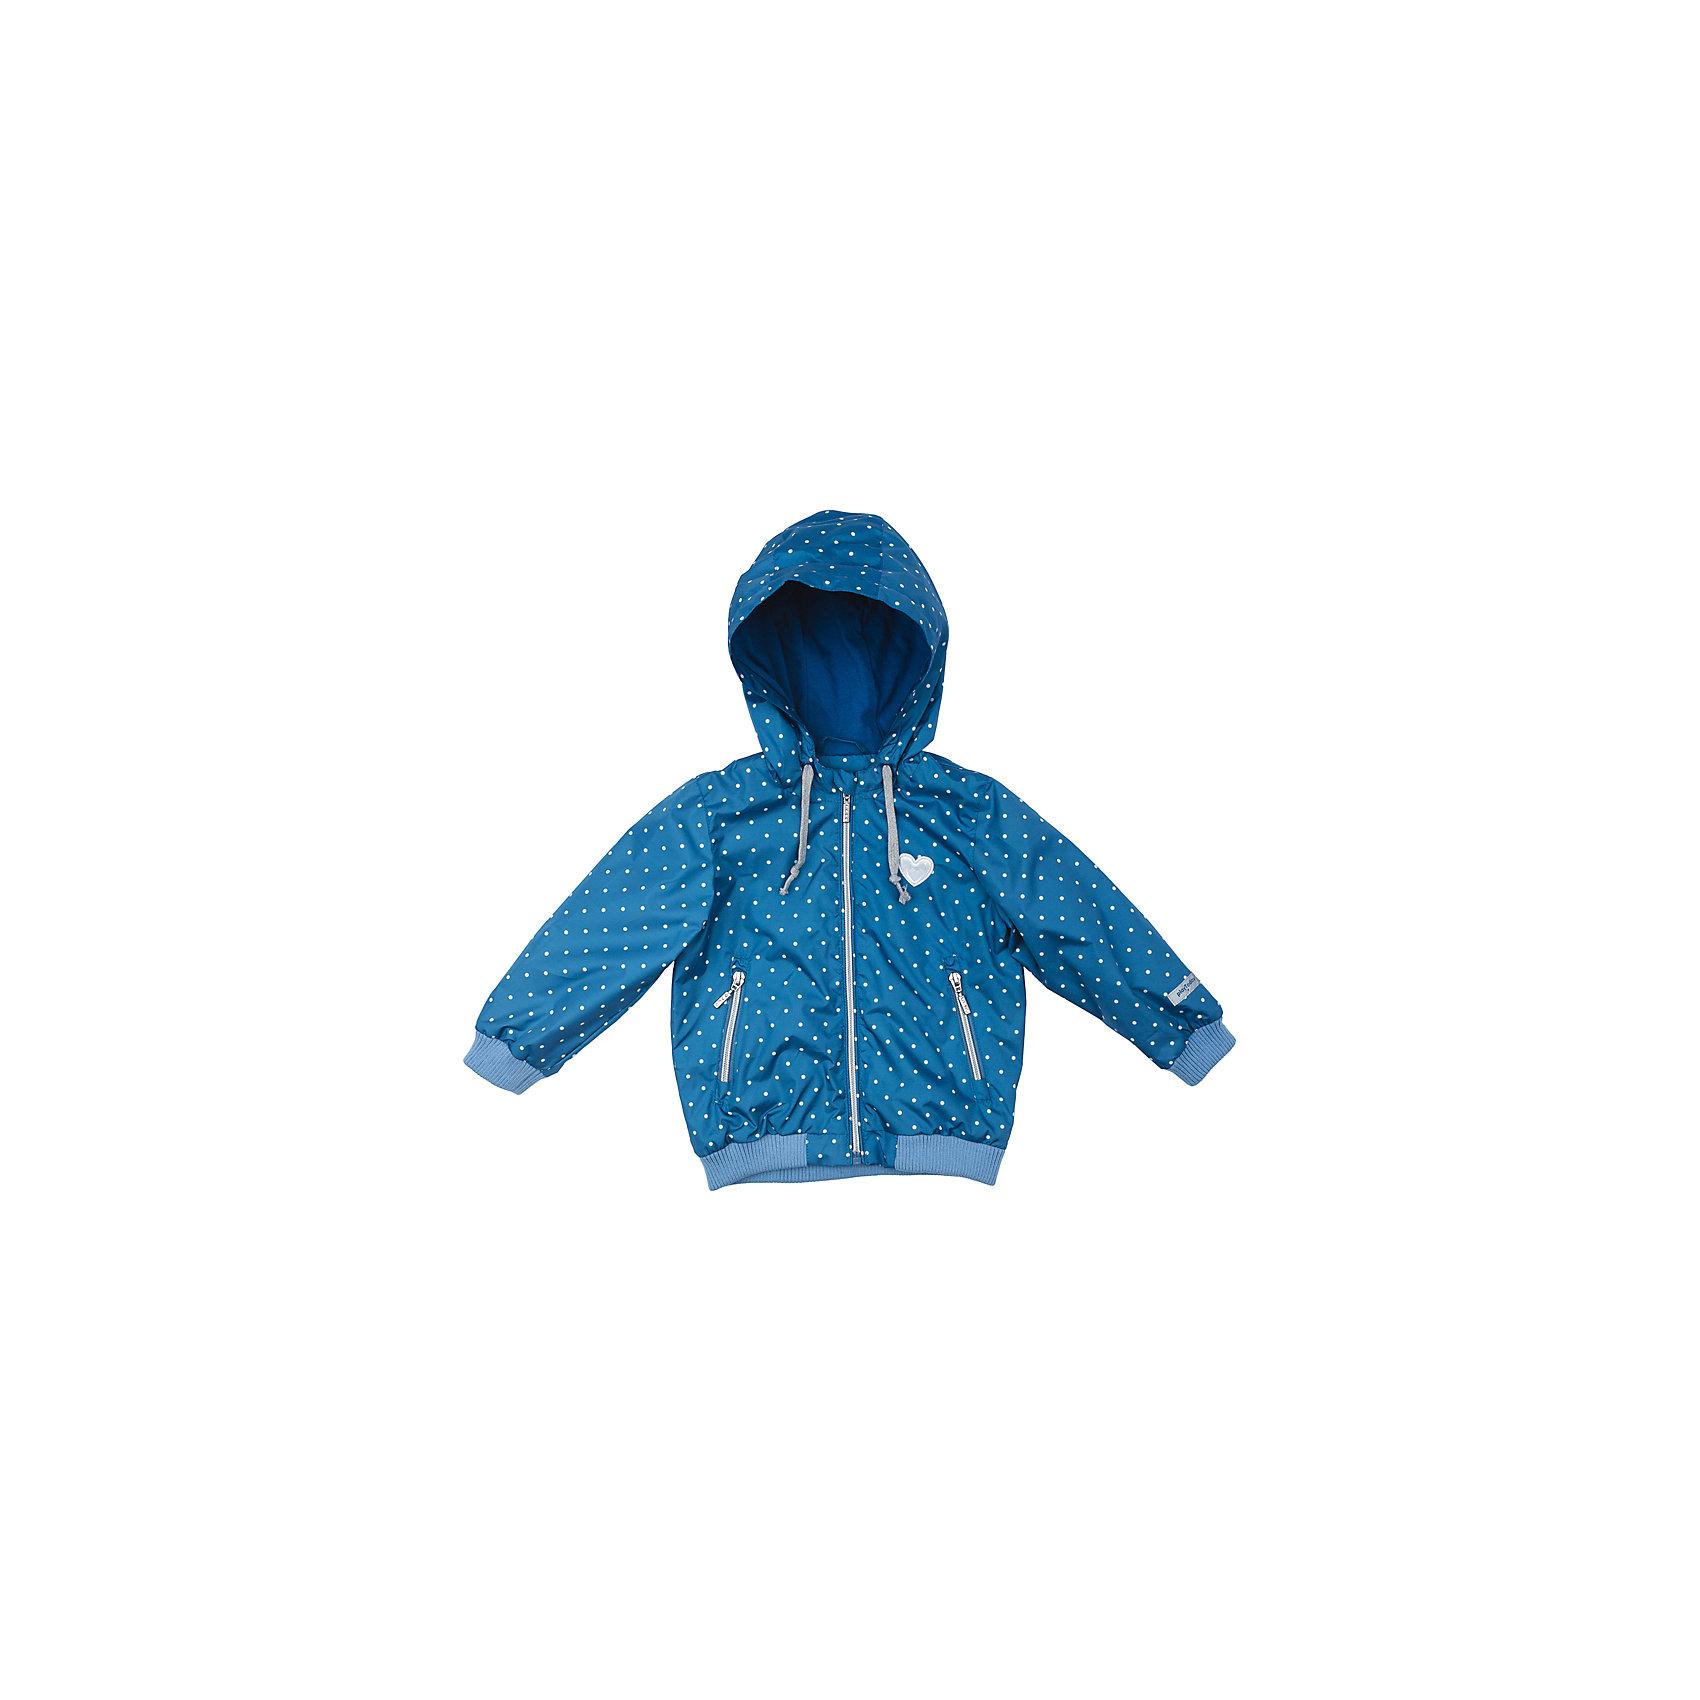 Куртка для девочки PlayTodayВерхняя одежда<br>Характеристики товара:<br><br>• цвет: синий<br>• состав: 100% полиэстер, подкладка: 80% хлопок, 20% полиэстер<br>• без утеплителя<br>• температурный режим: от +10°С до +20°С<br>• с водоотталкивающей пропиткой<br>• шнурок в капюшоне<br>• карманы<br>• защита подбородка<br>• молния<br>• эластичные манжеты<br>• светоотражающие элементы<br>• коллекция: весна-лето 2017<br>• страна бренда: Германия<br>• страна производства: Китай<br><br>Популярный бренд PlayToday выпустил новую коллекцию! Вещи из неё продолжают радовать покупателей удобством, стильным дизайном и продуманным кроем. Дети носят их с удовольствием. PlayToday - это линейка товаров, созданная специально для детей. Дизайнеры учитывают новые веяния моды и потребности детей. Порадуйте ребенка обновкой от проверенного производителя!<br>Такая демисезонная куртка обеспечит ребенку комфорт благодаря качественному материалу и продуманному крою. С помощью этой модели можно удобно одеться по погоде. Очень модная модель! Отлично подходит для переменной погоды межсезонья.<br><br>Куртку для девочки от известного бренда PlayToday можно купить в нашем интернет-магазине.<br><br>Ширина мм: 356<br>Глубина мм: 10<br>Высота мм: 245<br>Вес г: 519<br>Цвет: белый<br>Возраст от месяцев: 18<br>Возраст до месяцев: 24<br>Пол: Женский<br>Возраст: Детский<br>Размер: 92,74,80,86<br>SKU: 5408233